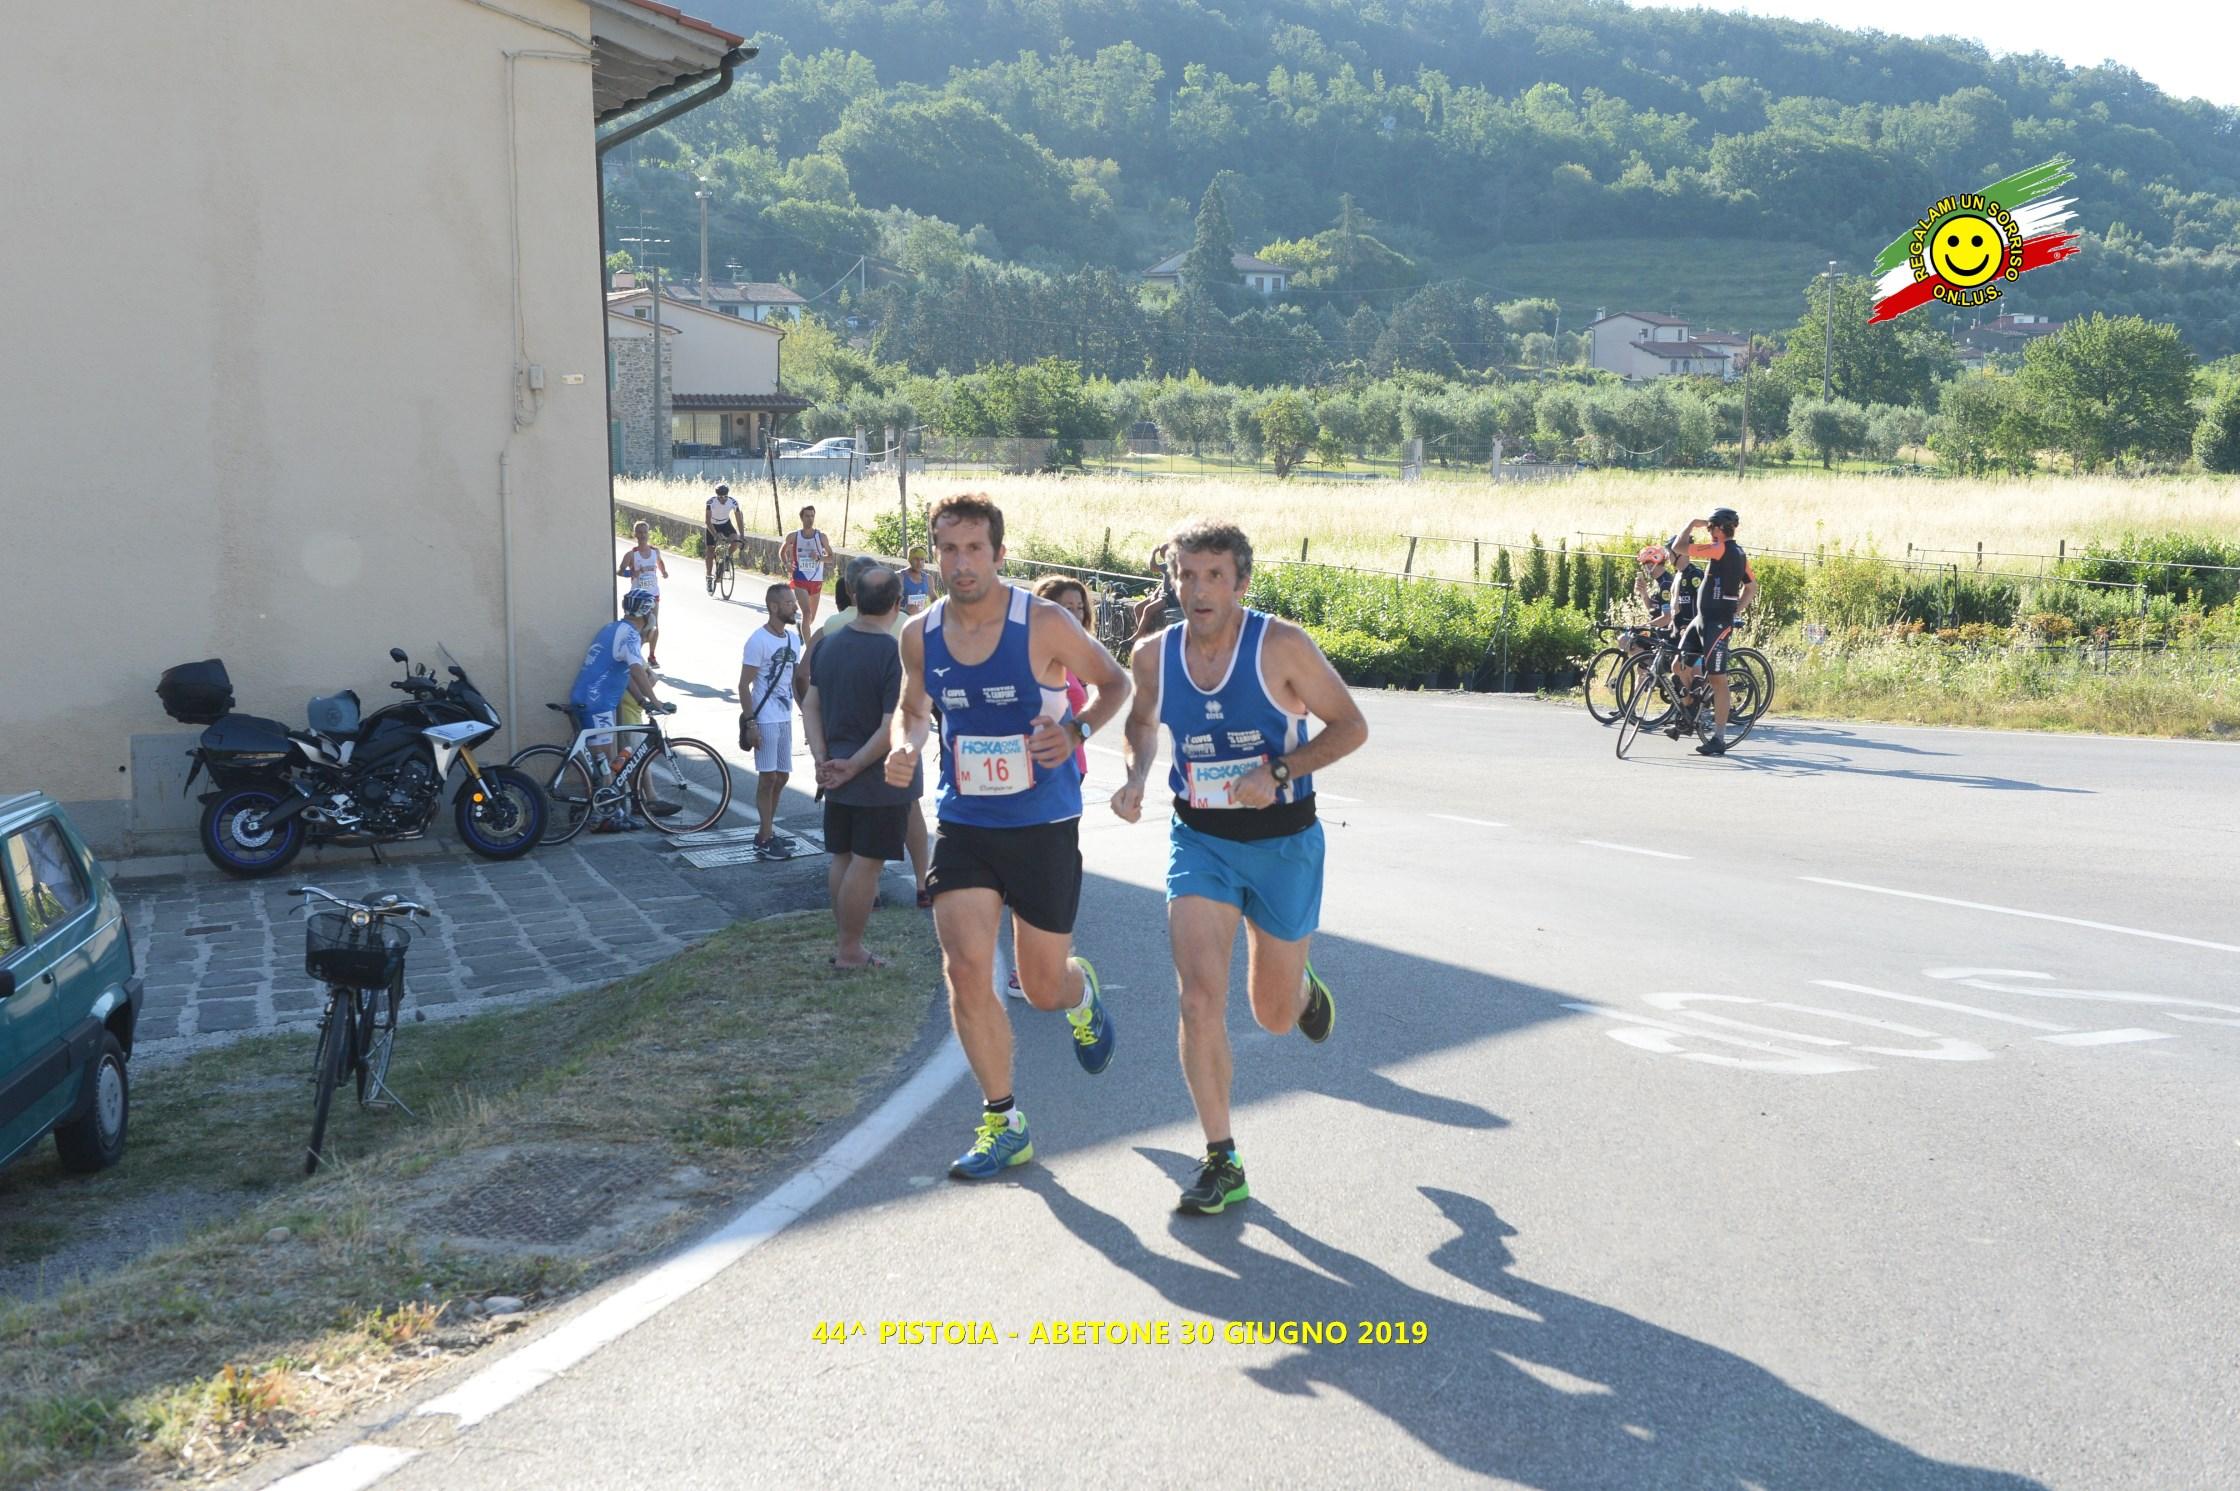 Atleti della Valdichiana protagonisti alla Pistoia - Abetone